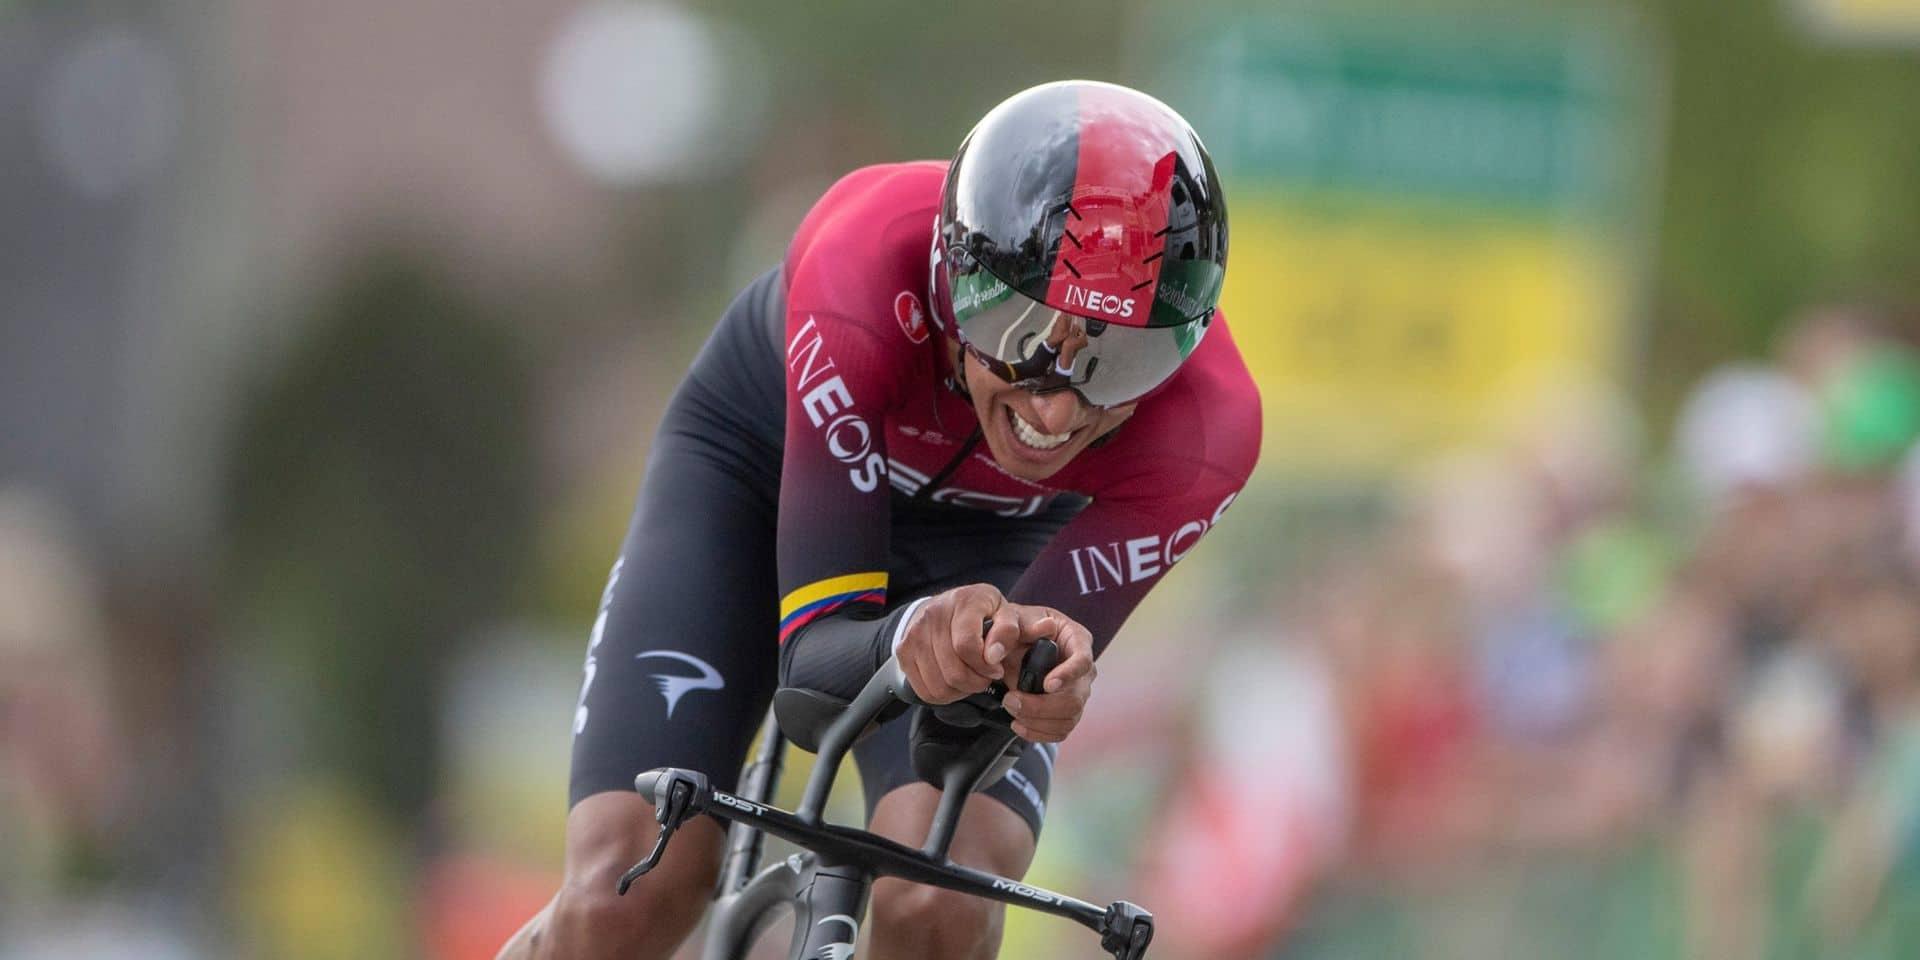 L'édition 2020 du Tour de Suisse annulée